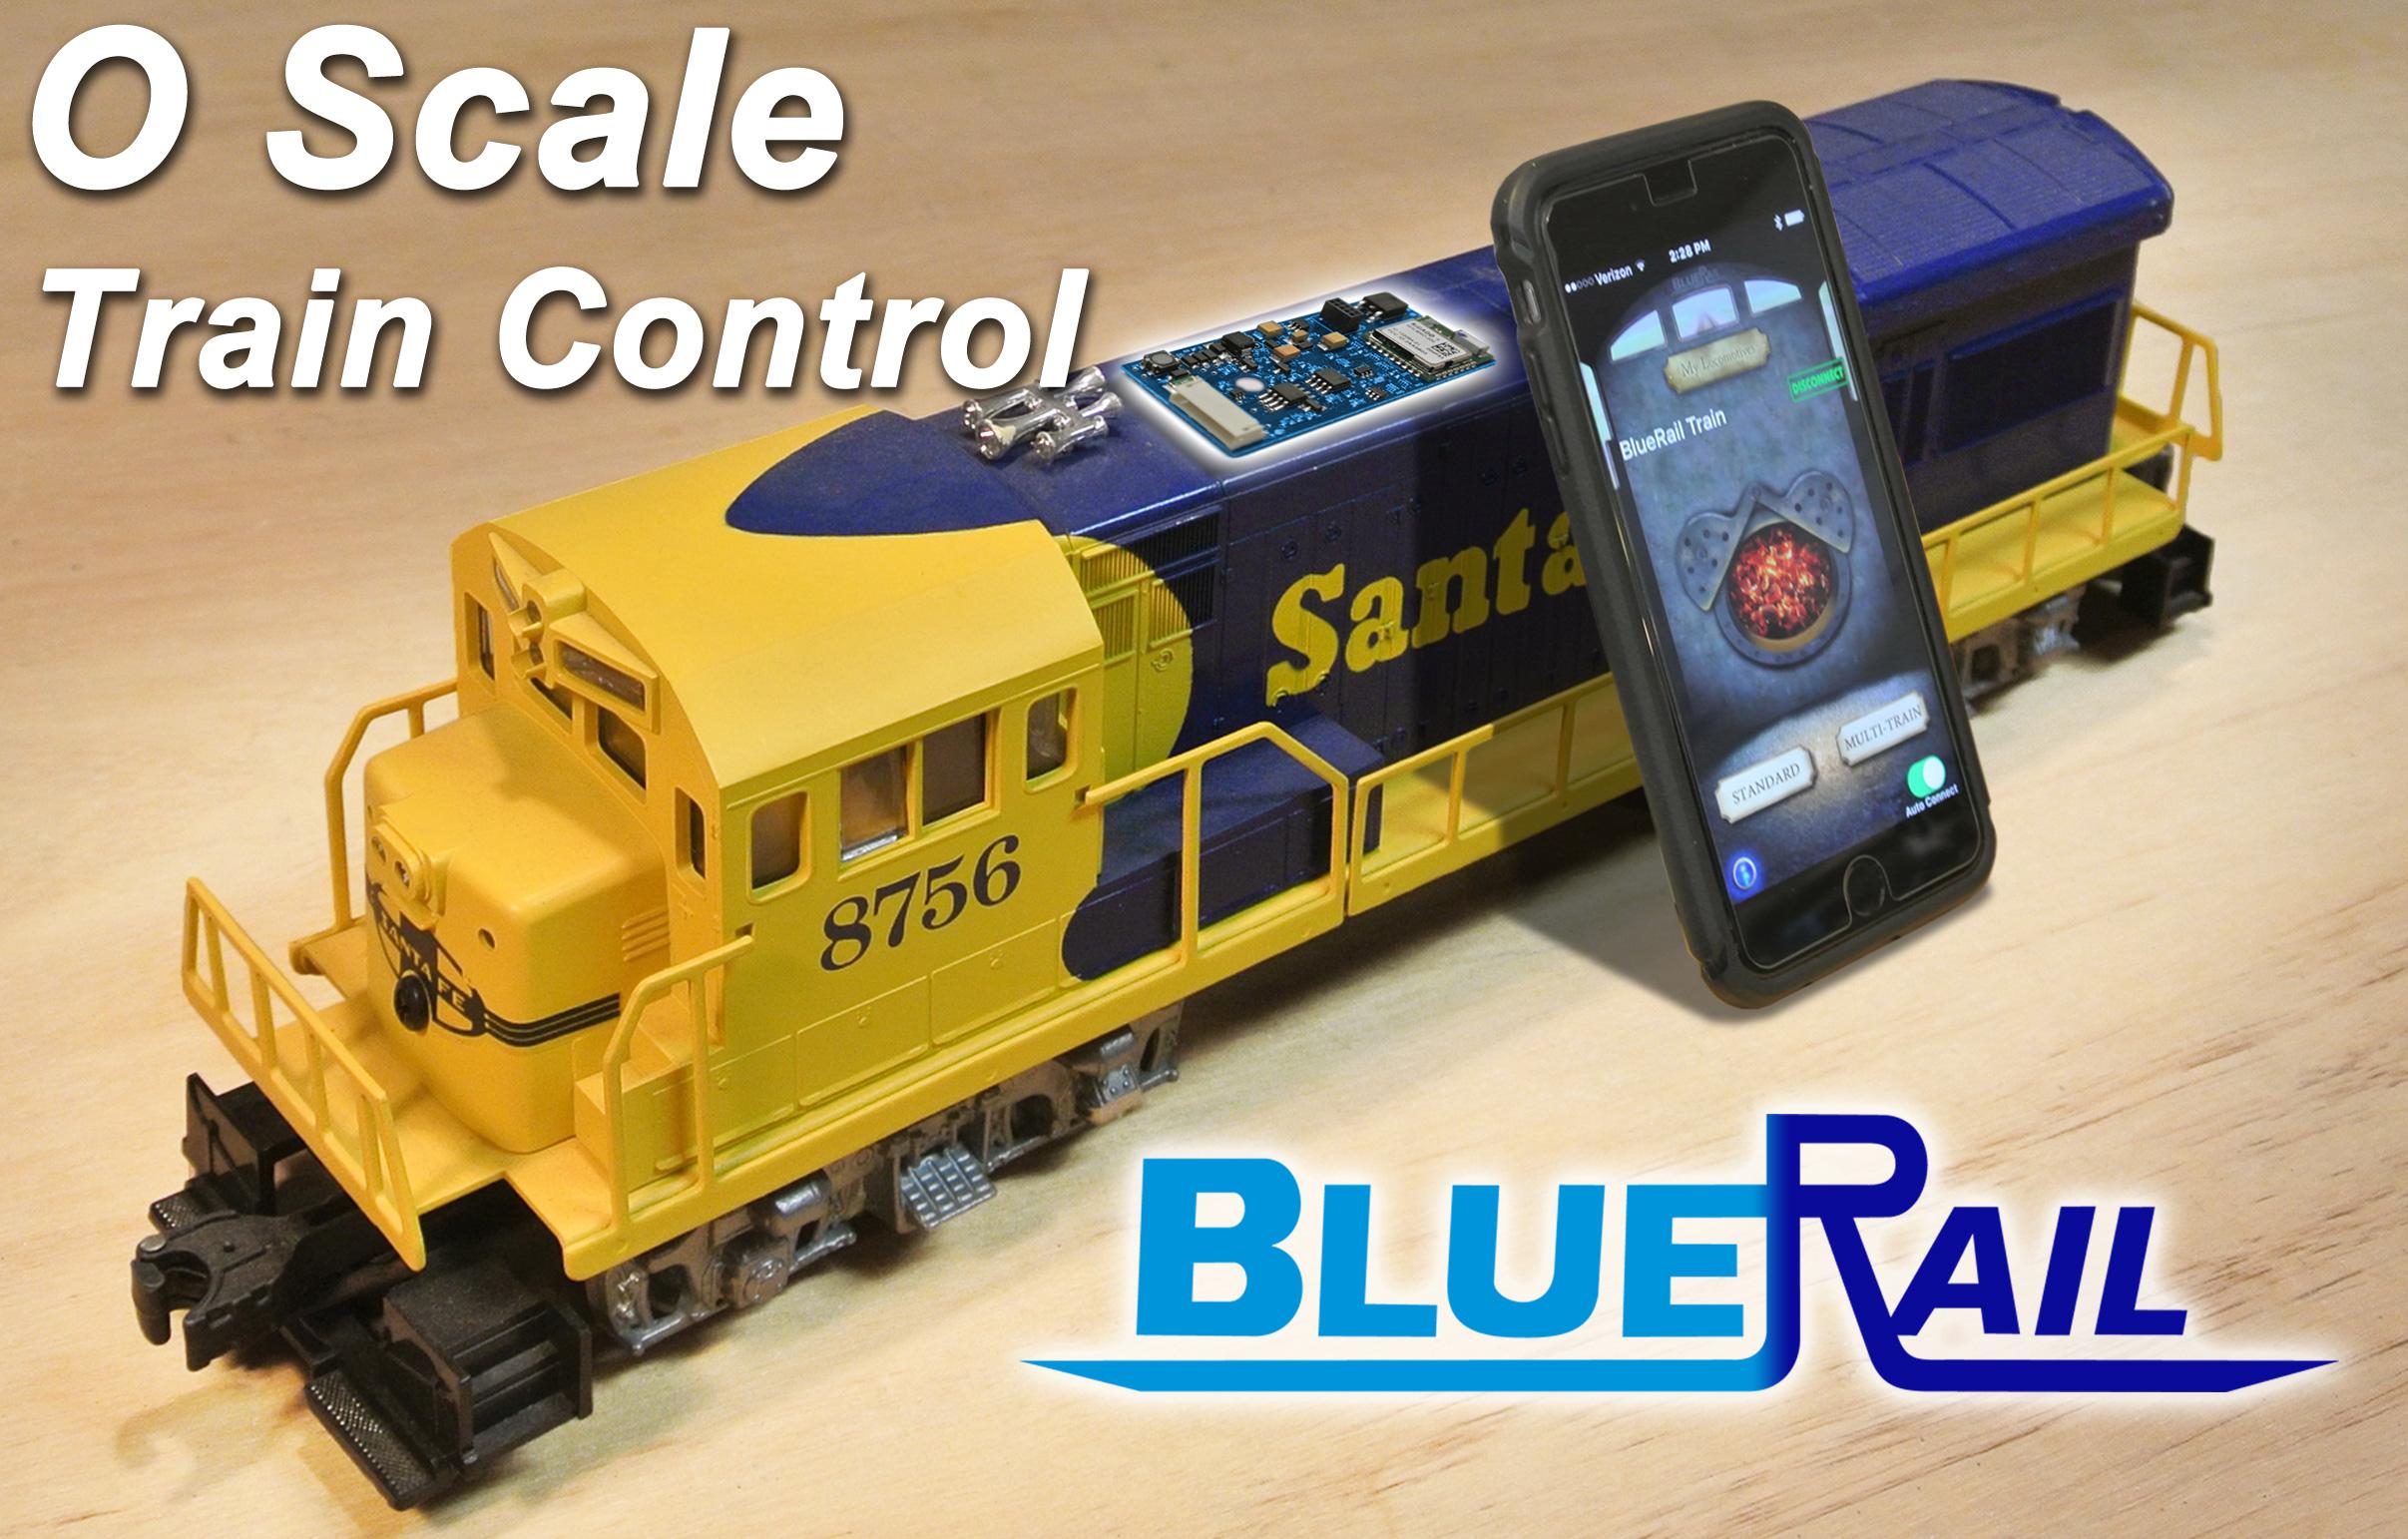 Articles Bluerail Trains Bachmann Train Wiring Diagrams O Scale